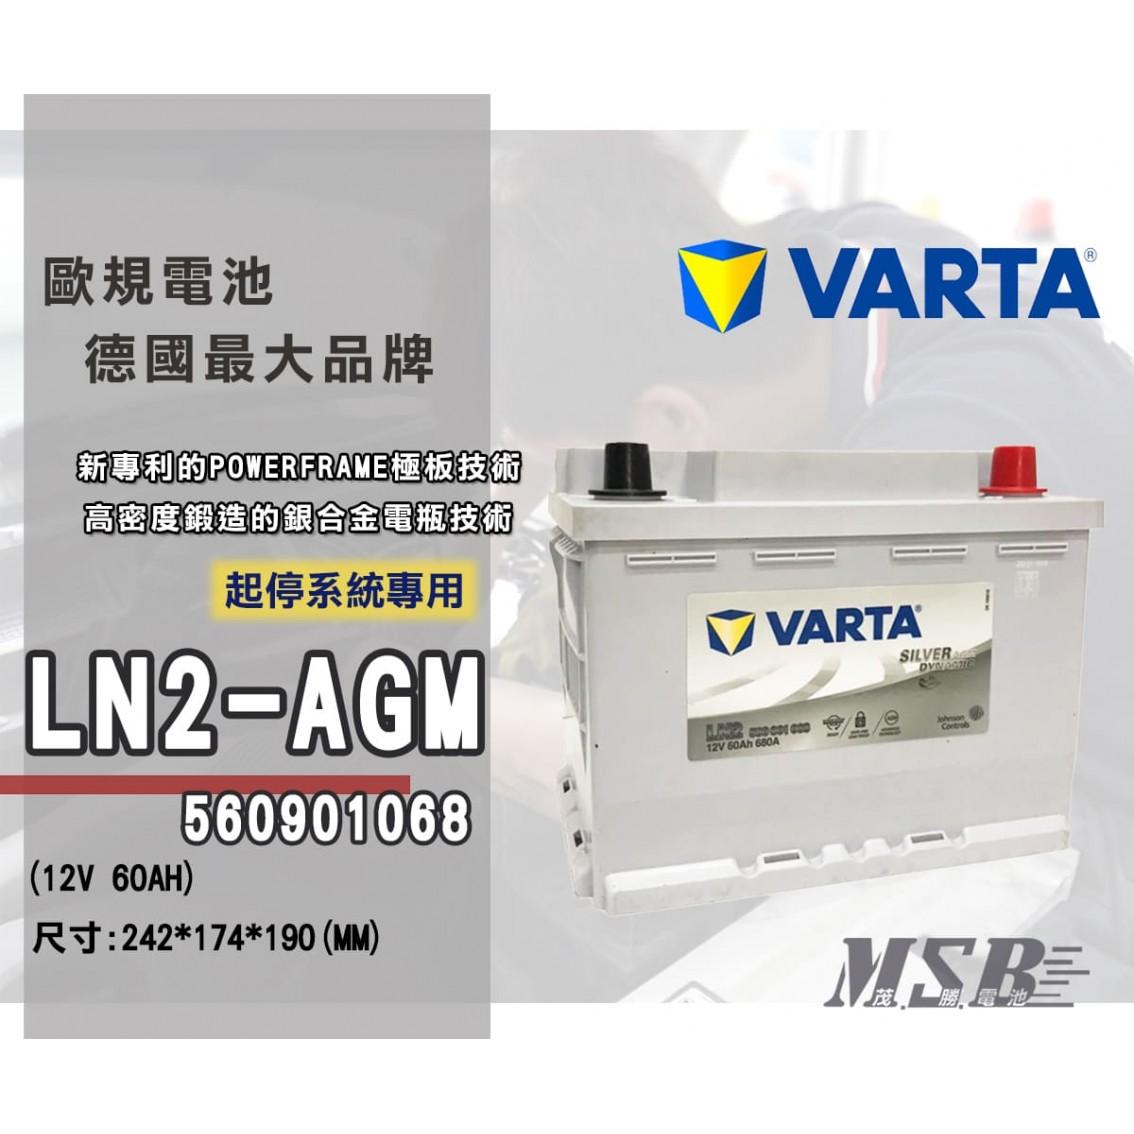 LN2-560901068-AGM